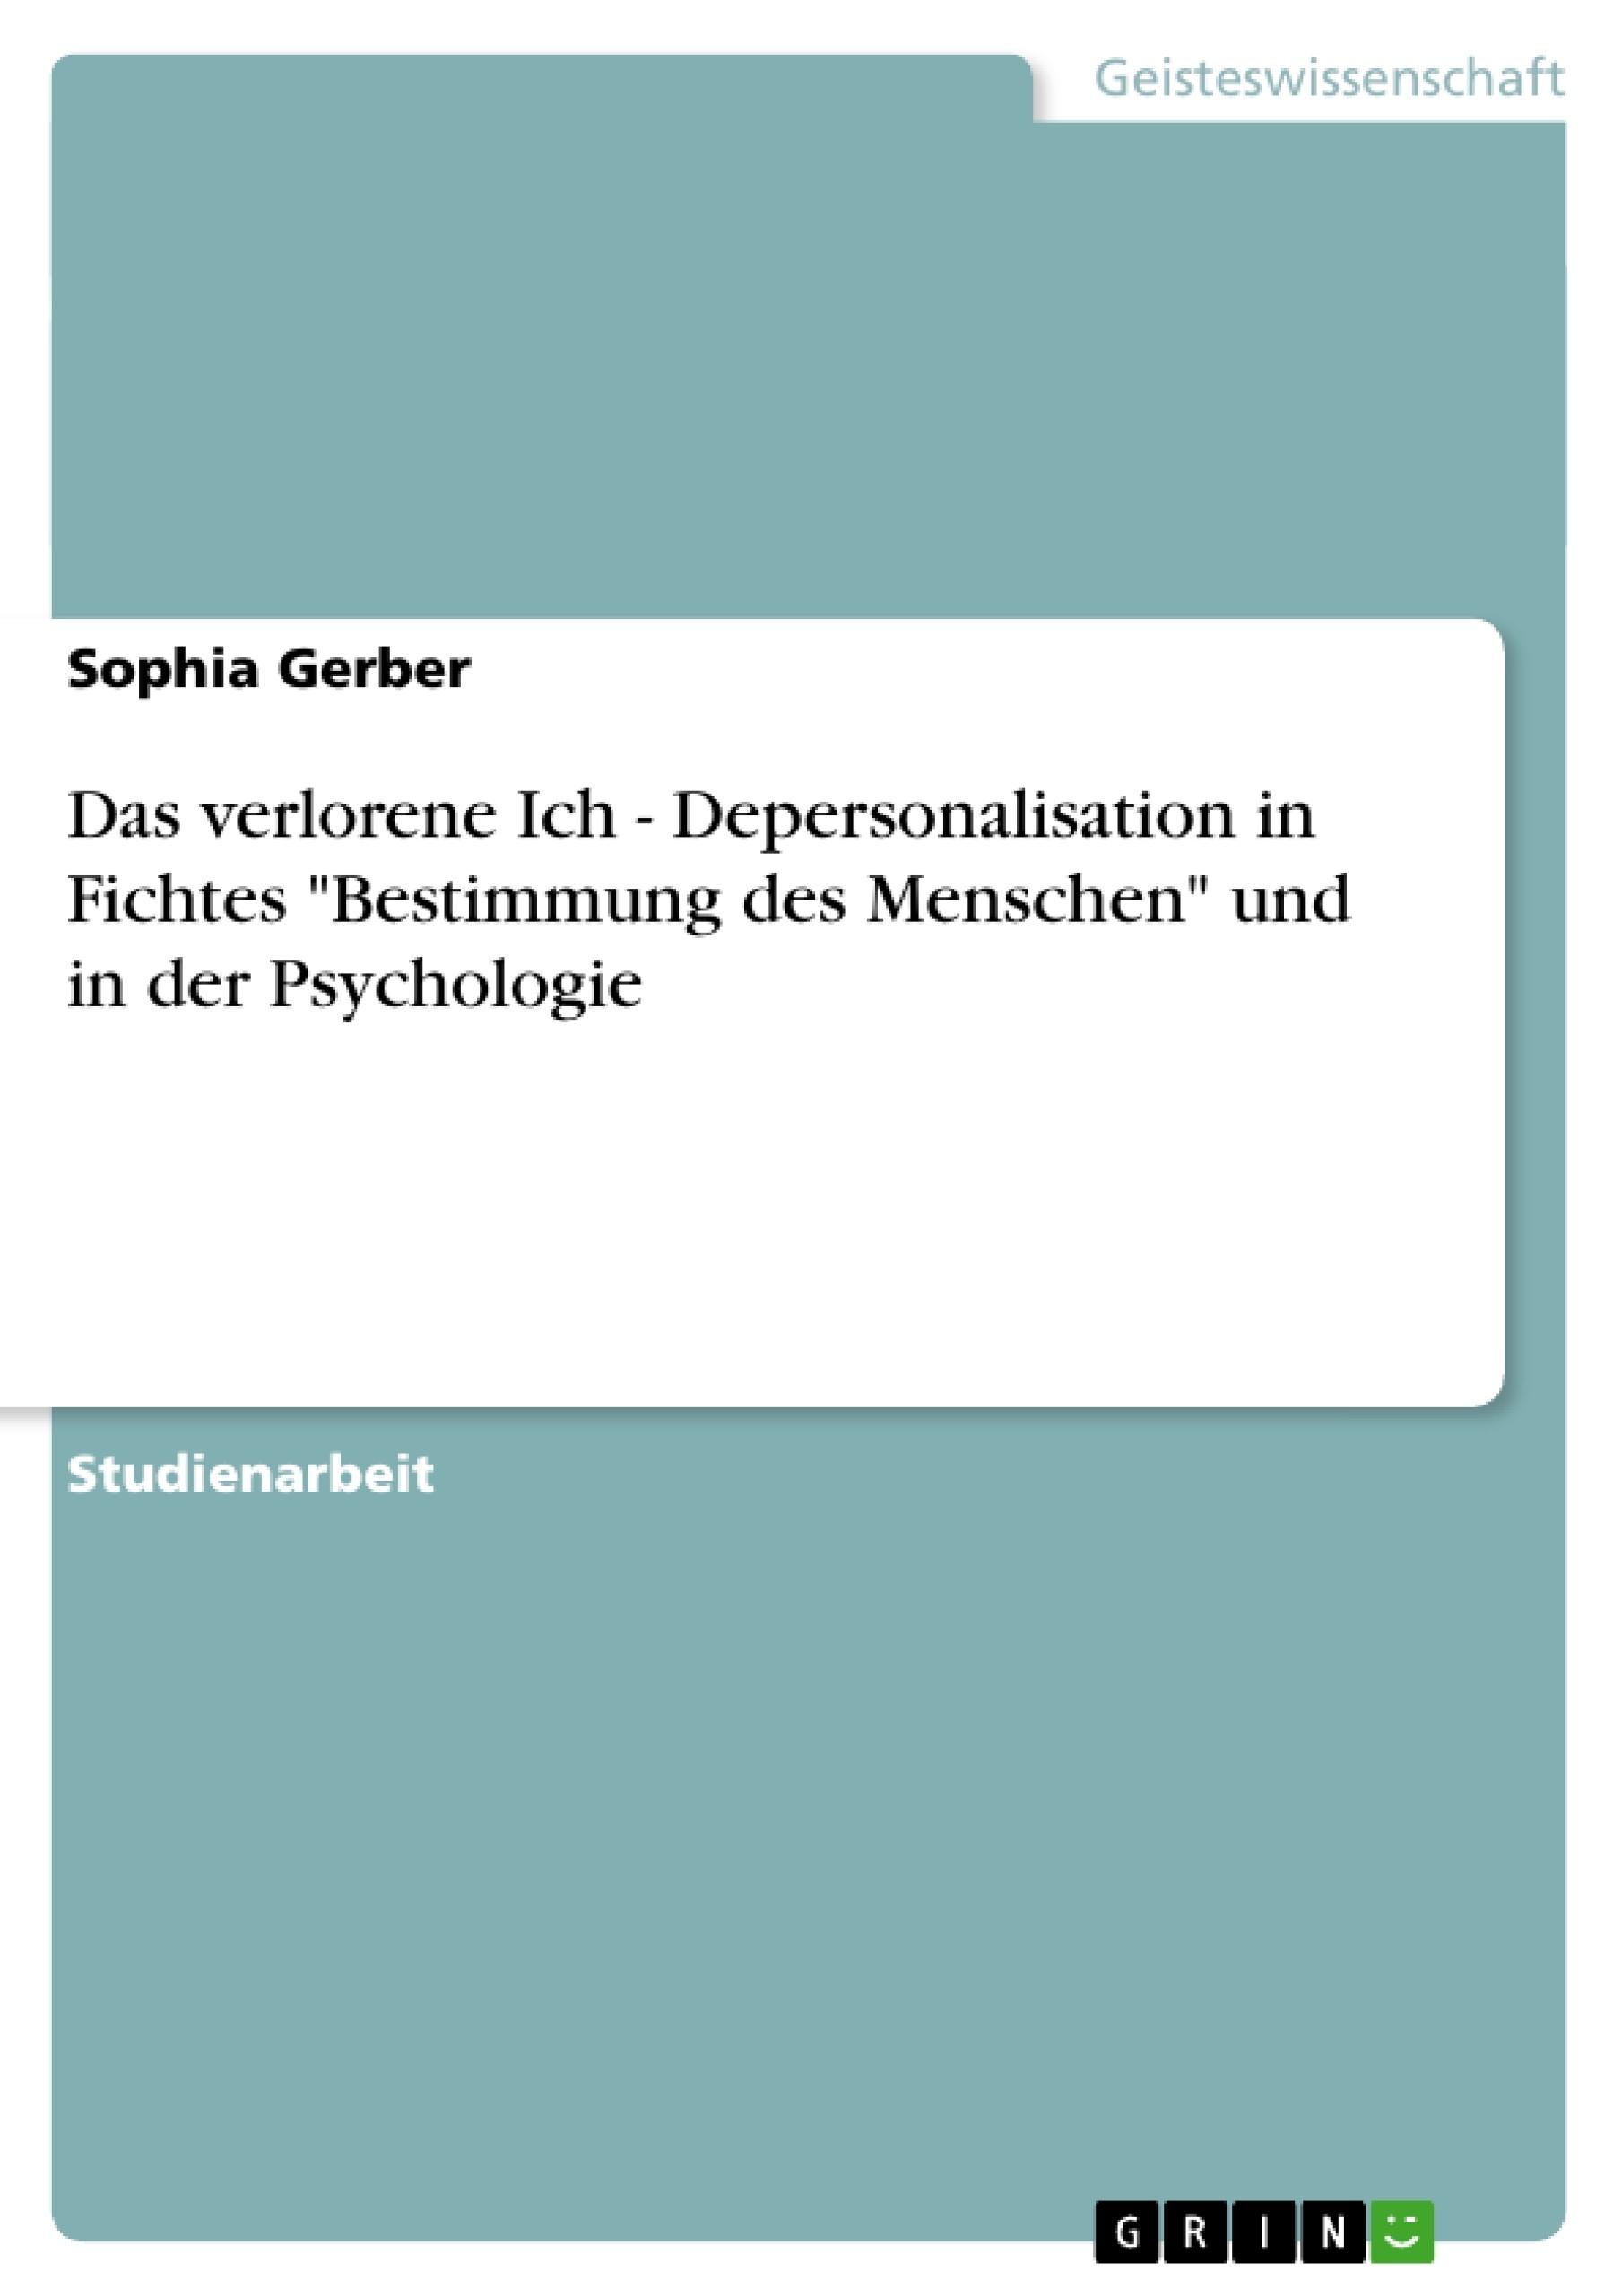 """Titel: Das verlorene Ich - Depersonalisation in Fichtes """"Bestimmung des Menschen"""" und in der Psychologie"""